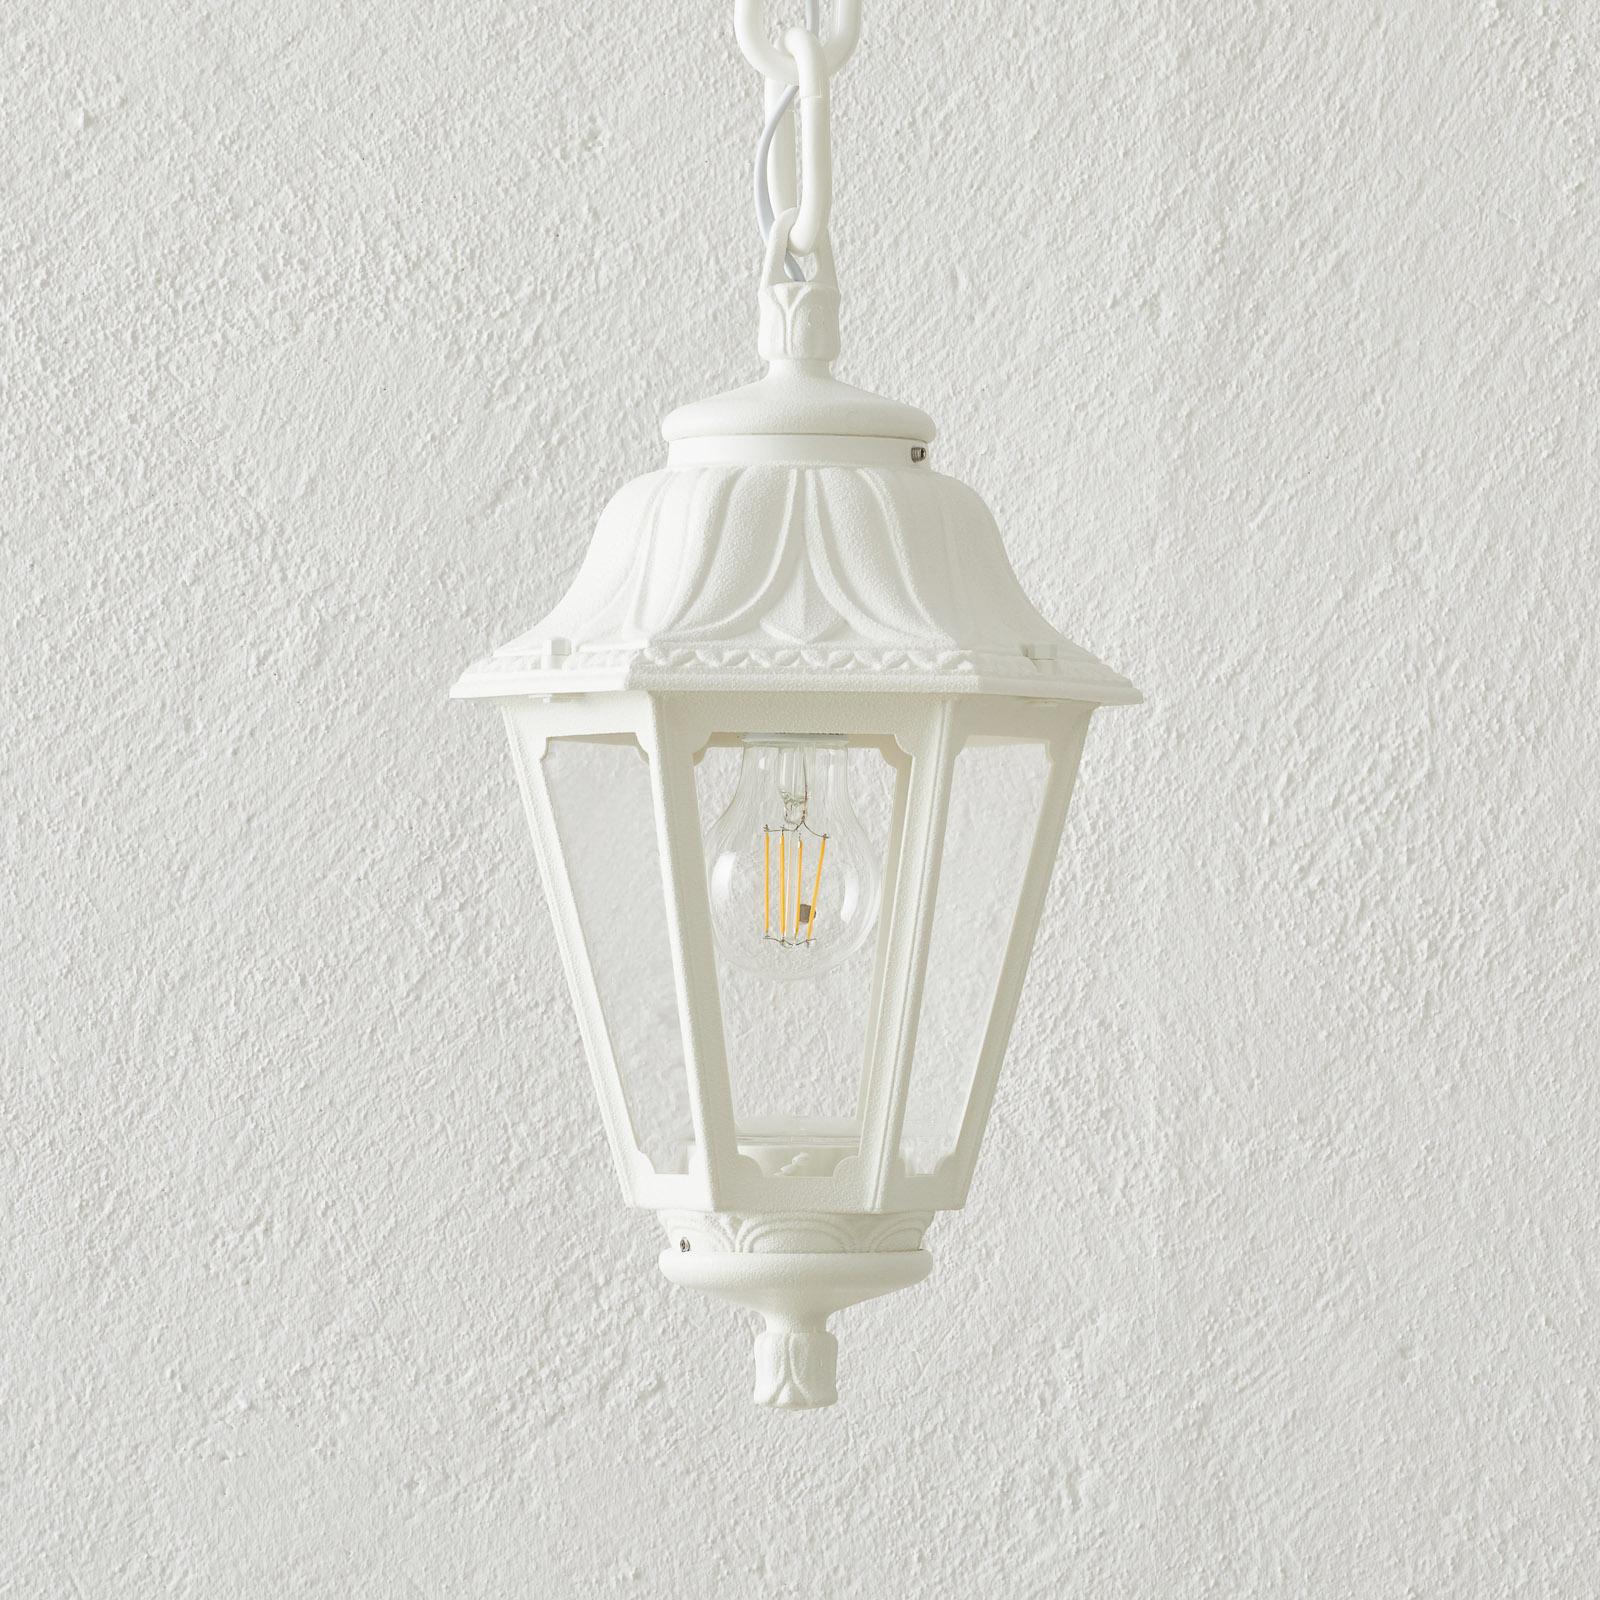 Lampa wisząca LED Sichem Anna 6W 2700K biała